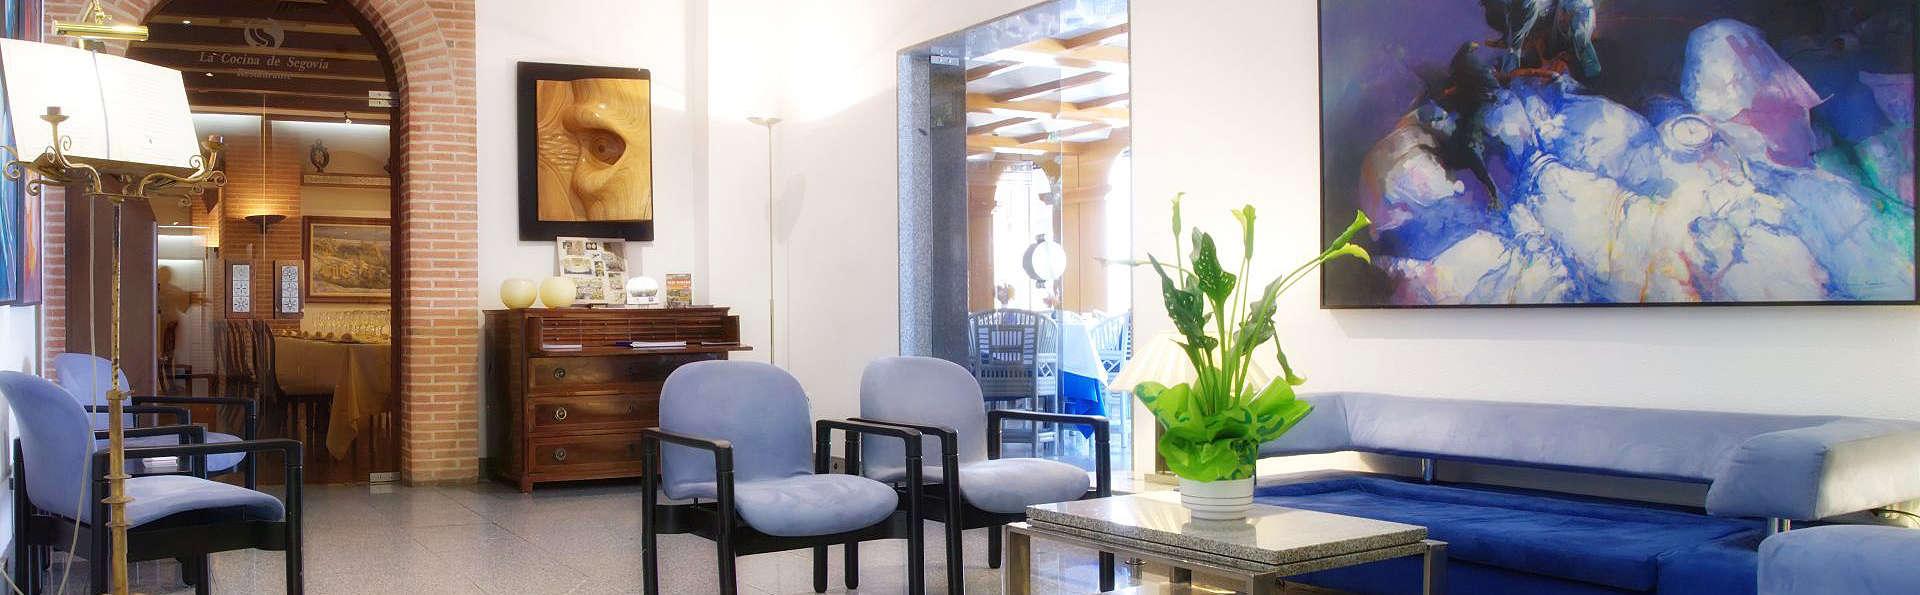 Hotel Ar Los Arcos - EDIT_Lobby1.jpg